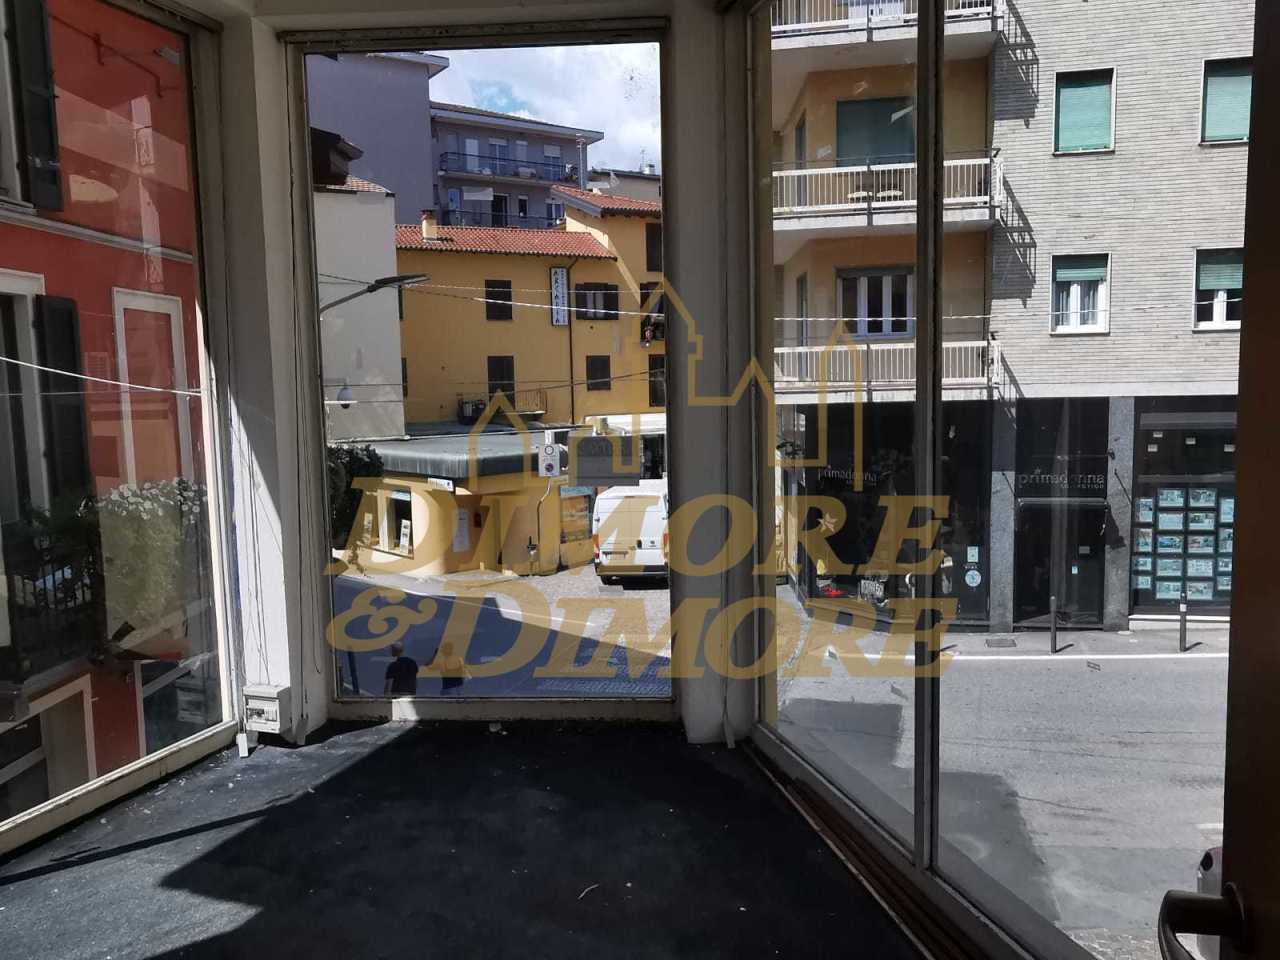 Ufficio / Studio in affitto a Verbania, 3 locali, prezzo € 700 | CambioCasa.it